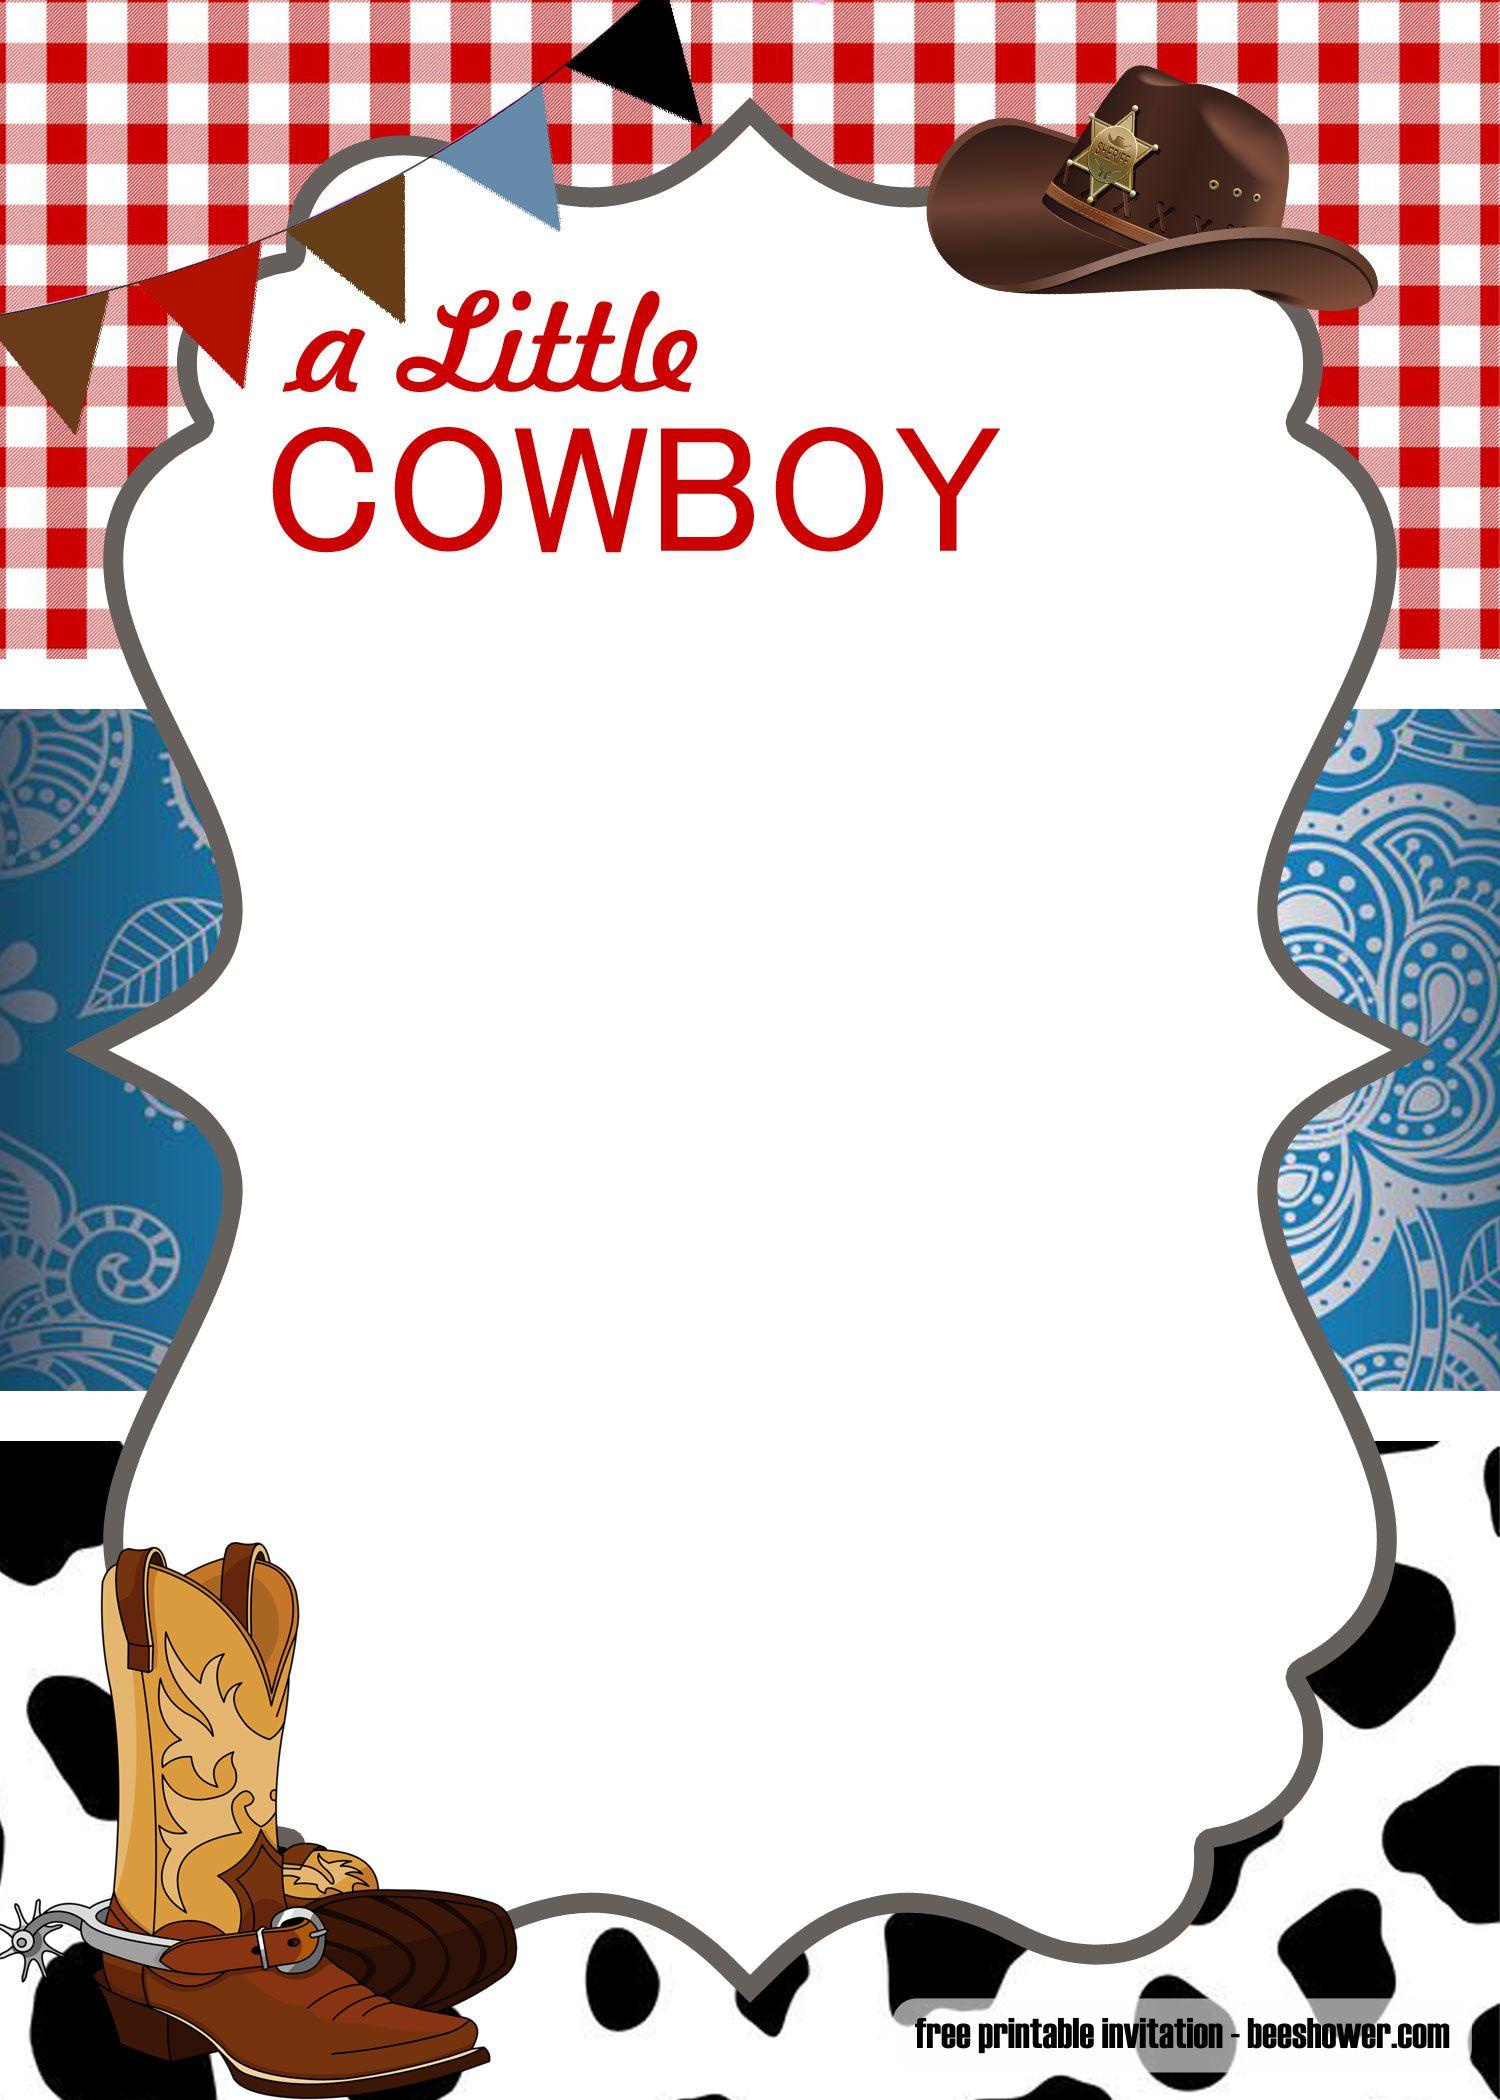 Cool Free Cowboy Baby Shower Invitation Templates Plantillas De Invitaciones A Fiestas Adornos Vaqueros Para Fiesta Invitaciones Vaqueras